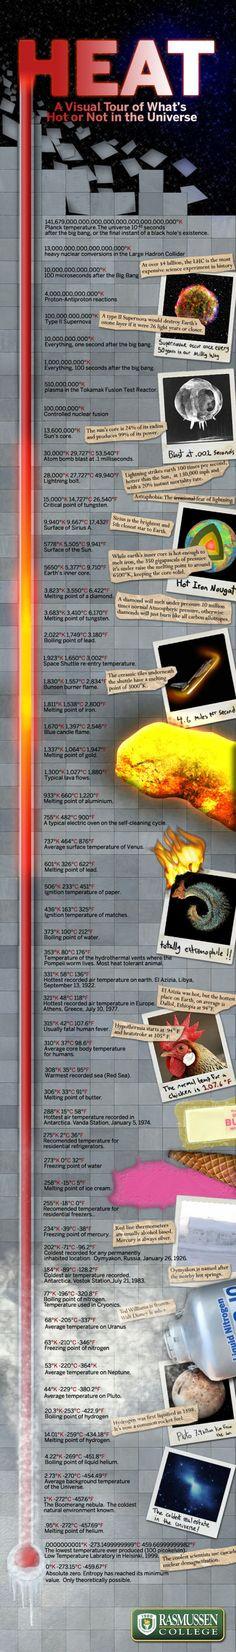 black holes zero temperature - photo #31